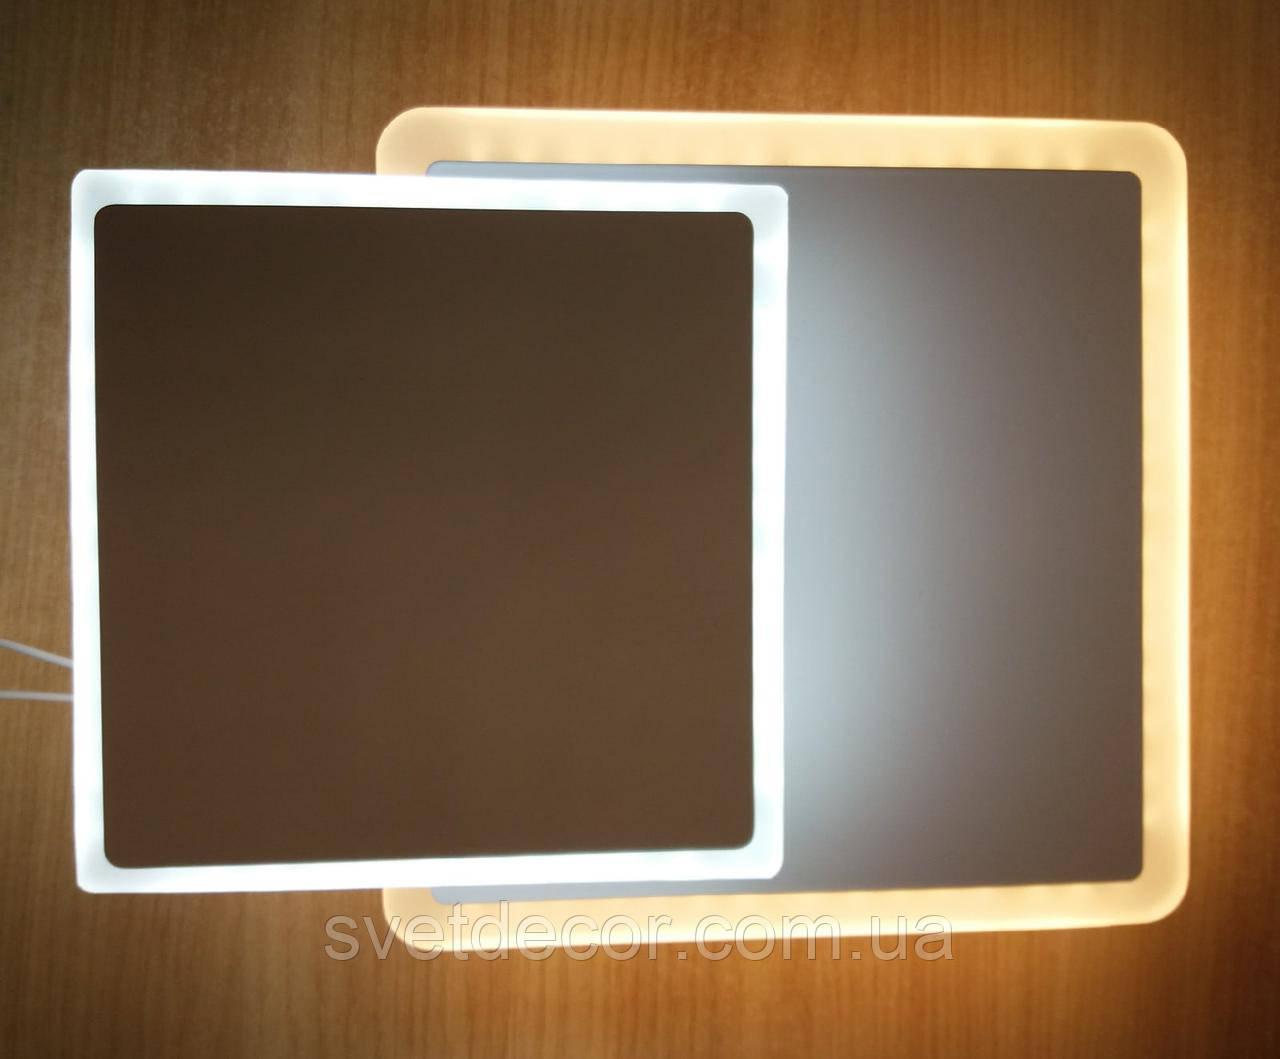 Настенный потолочный LED светильник бра 16W квадратный 517 (трансформер)